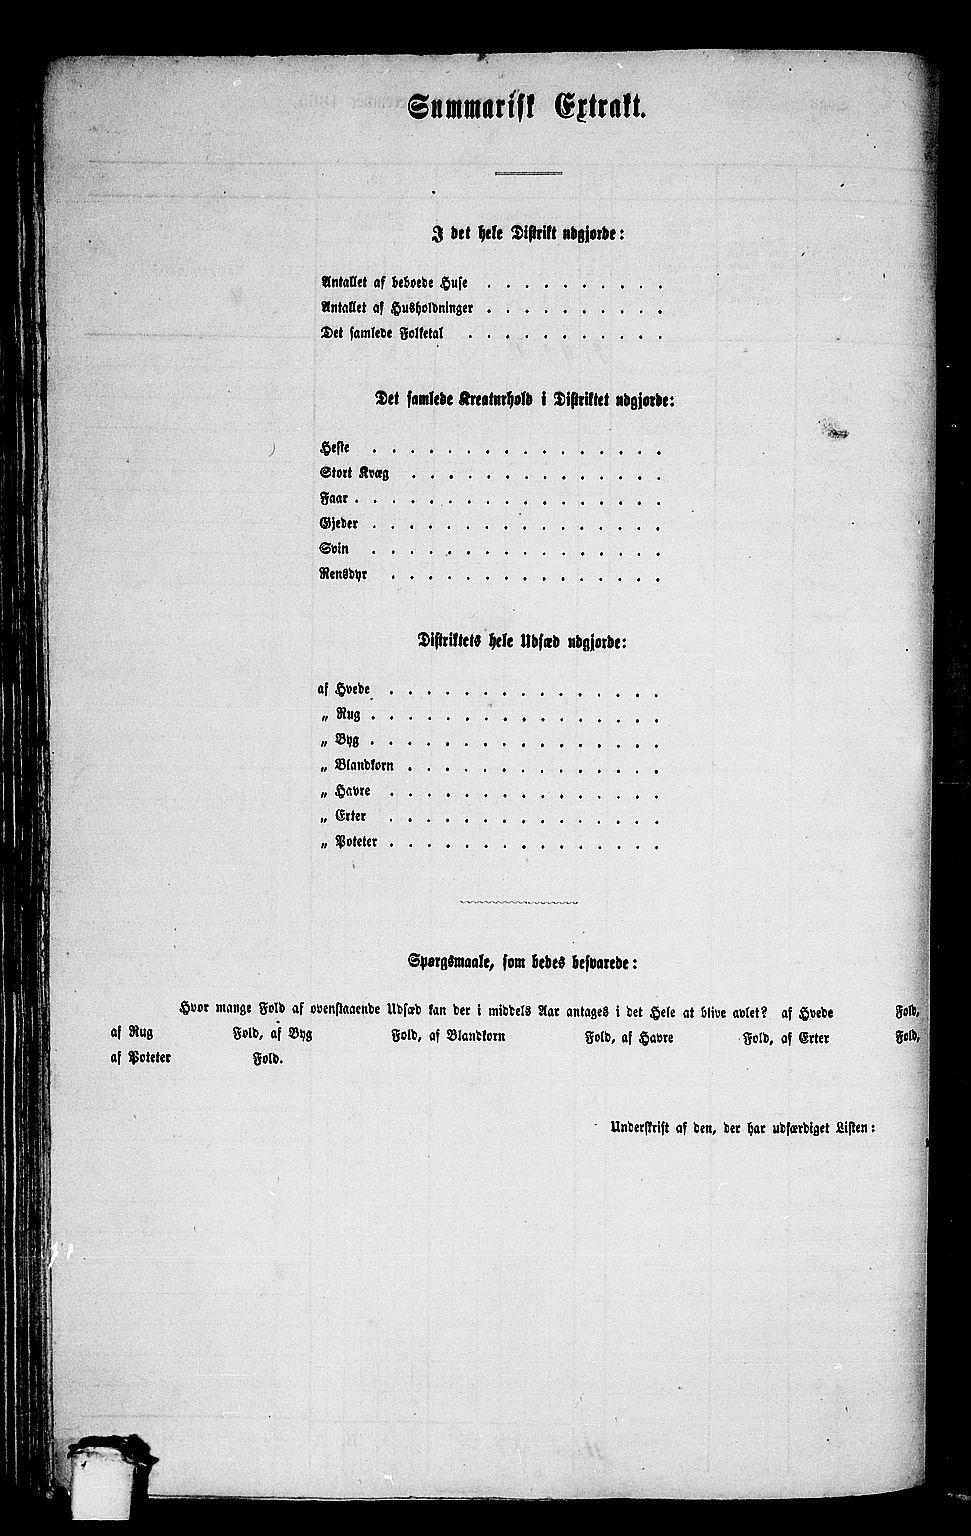 RA, Folketelling 1865 for 1549P Bud prestegjeld, 1865, s. 75